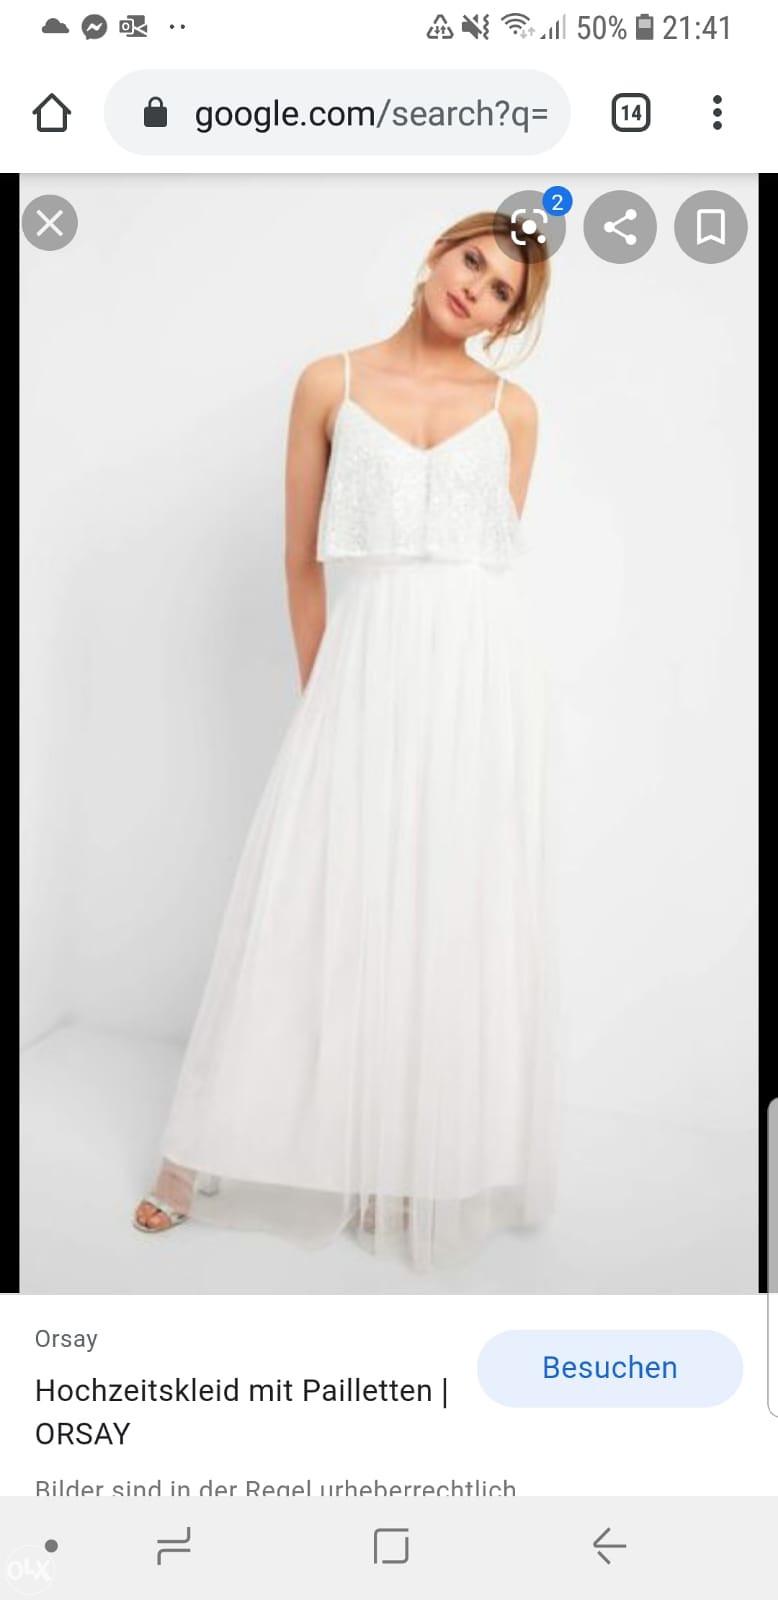 Orsay vjencanice velicina 20 i 20 - Odjeća i obuća - Vjenčanice